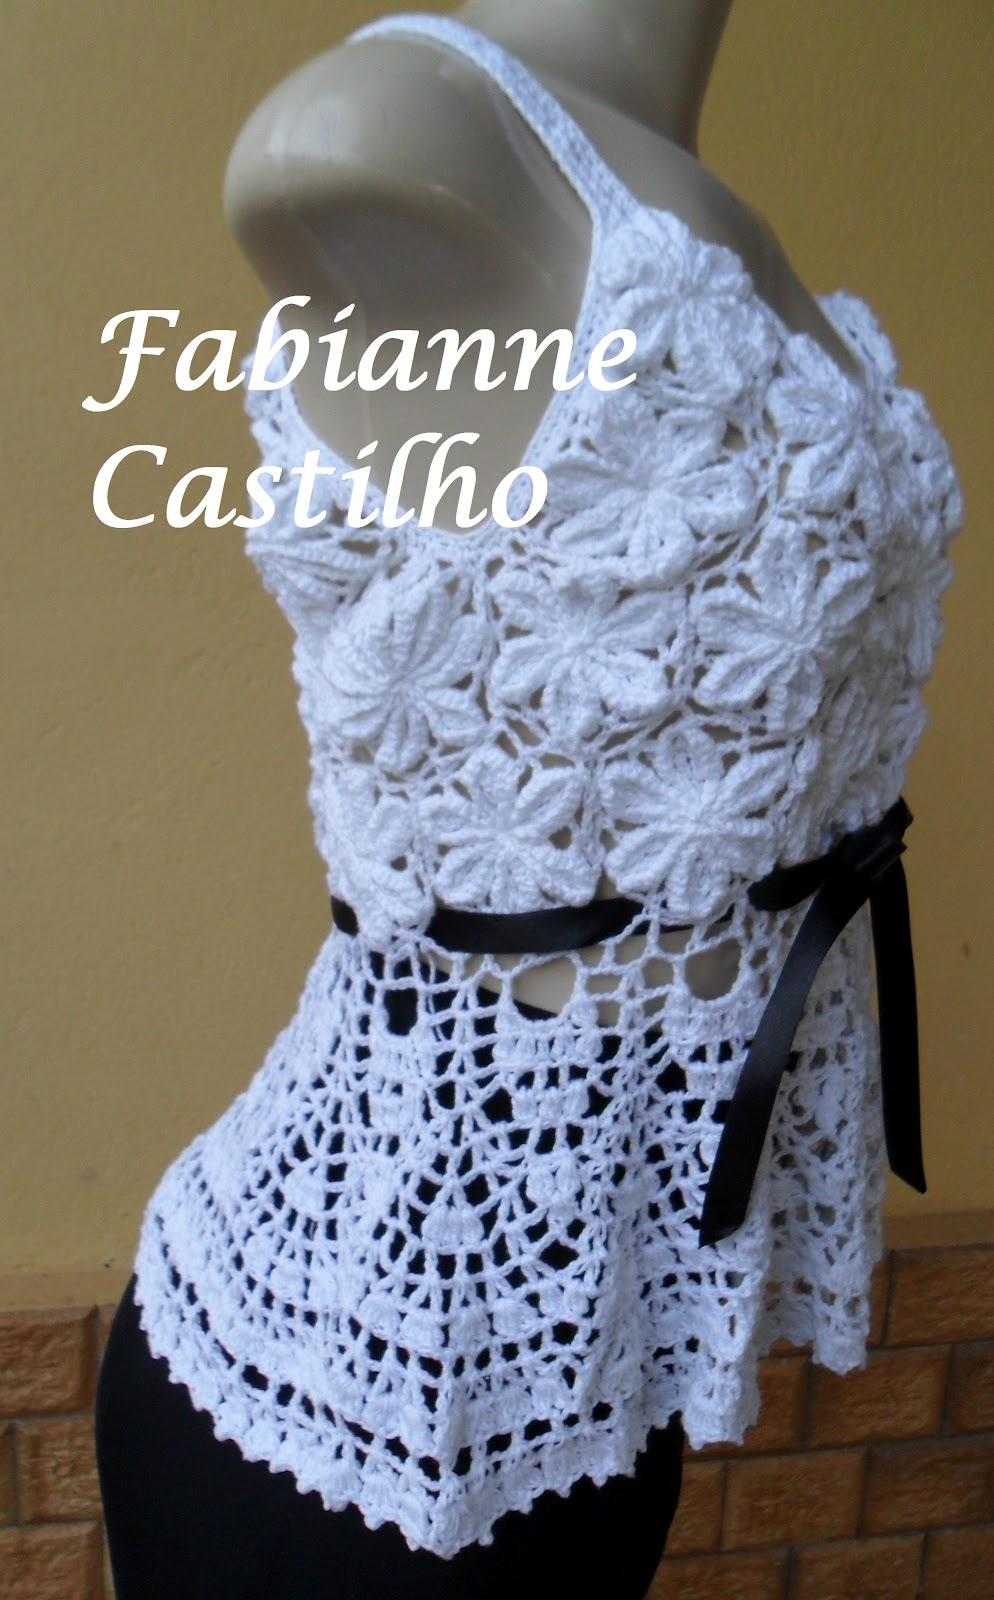 Схемы, МК. http://artesfaby.blogspot.co.il/201...ml# comment-form.  Мастер-класс по вязанию цветка со схемами здесь.